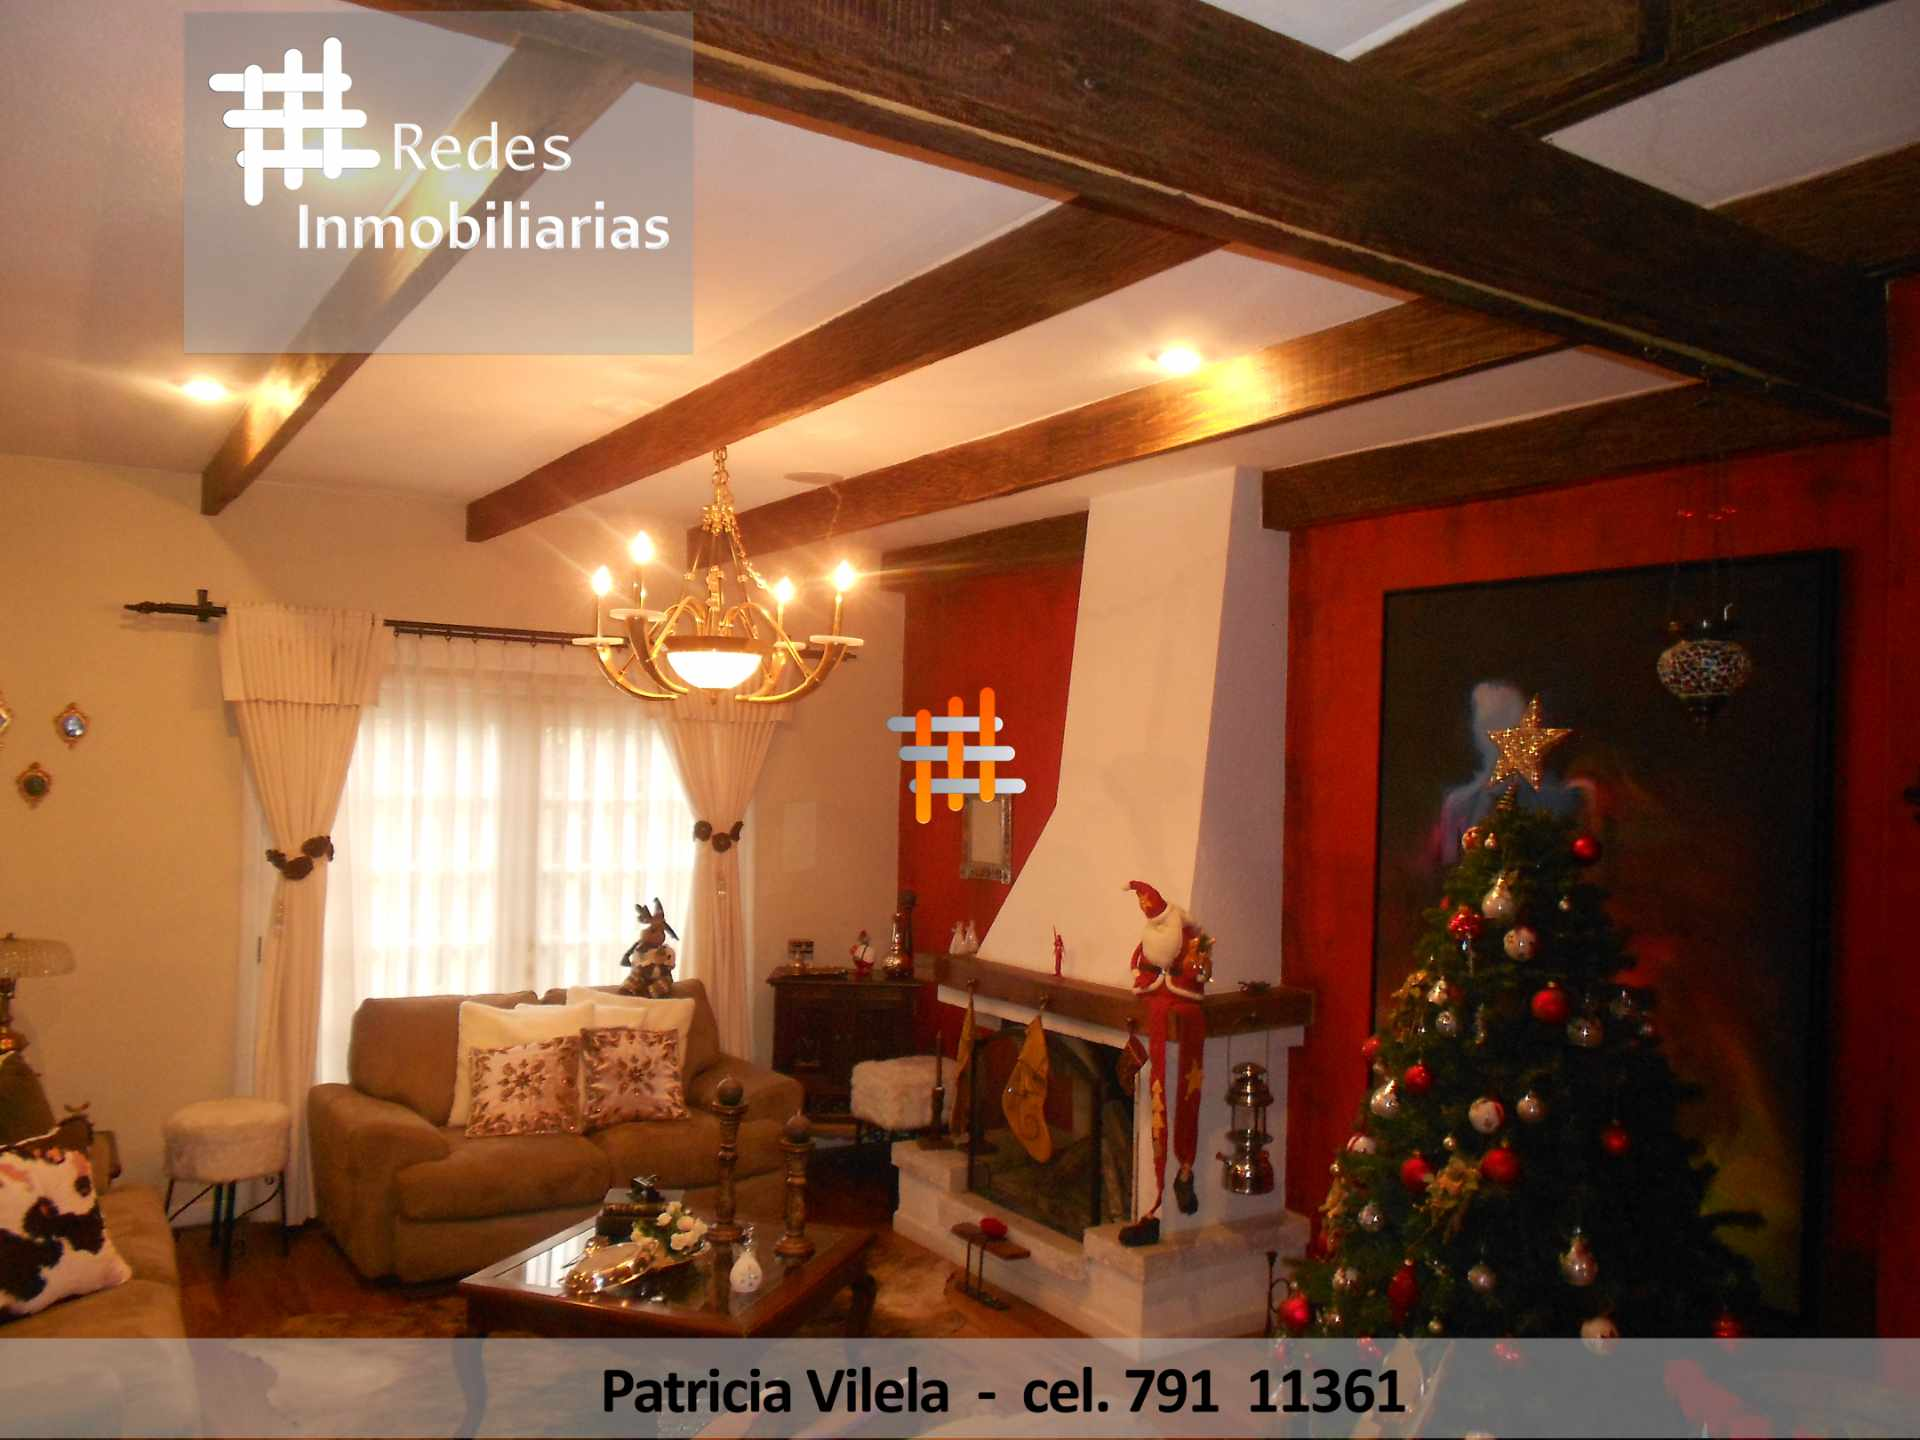 Casa en Venta HERMOSA CASA EN VENTA EN ACHUMANI URBANIZACION PRIVADA UNICA EN SU ESTILO TOTALMENTE AUTENTICA HERMOSA  Foto 1